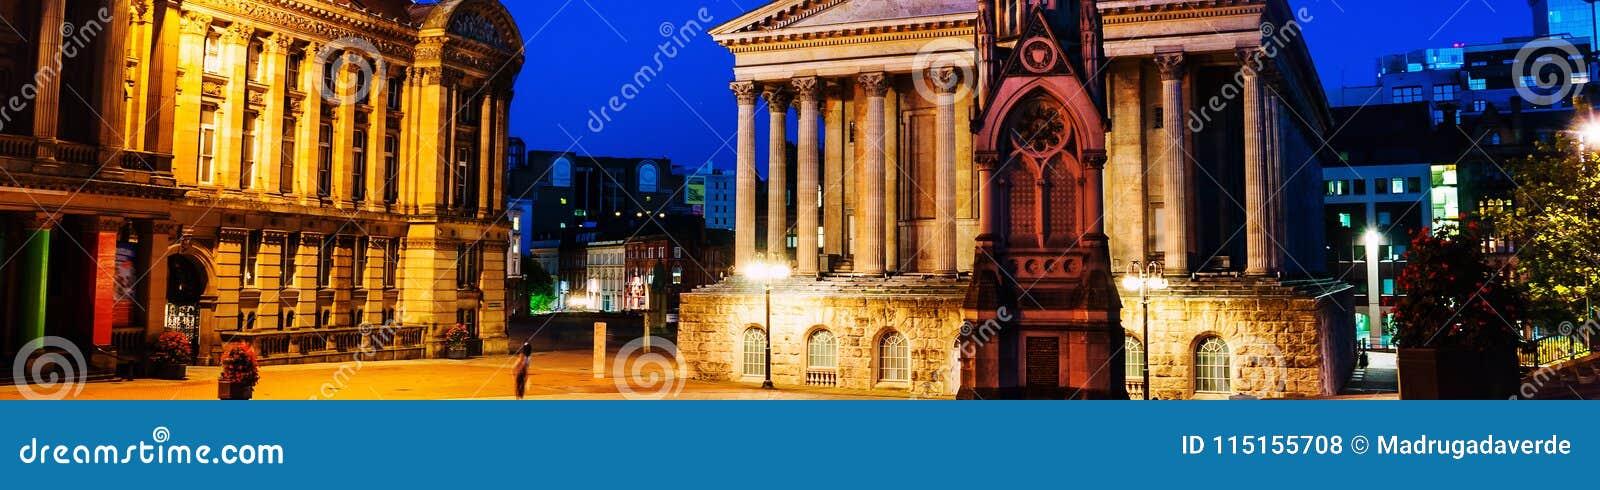 Quadrado de Chamberlain na noite com câmara municipal iluminada e Chamberlain Memorial em Birmingham, Reino Unido